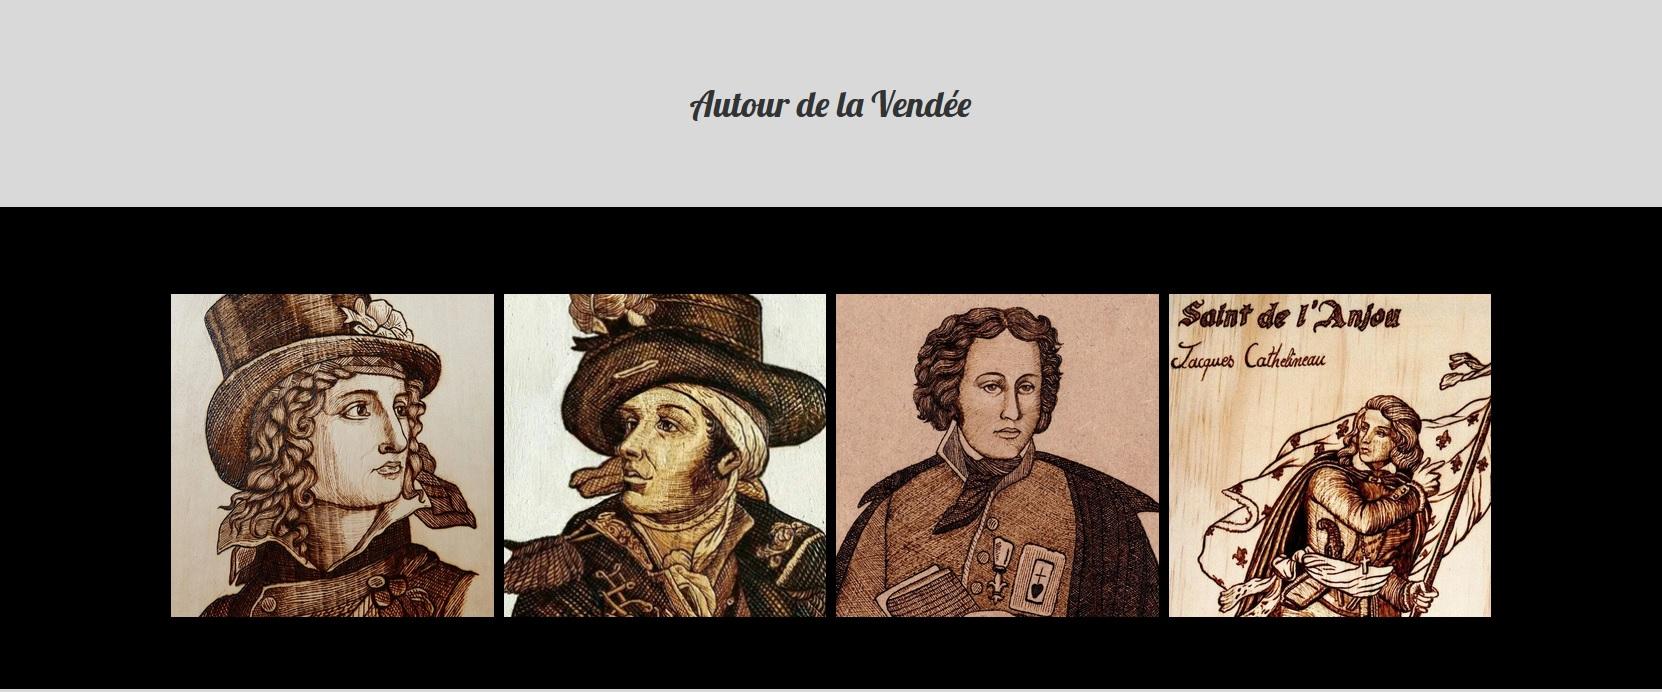 « Autour de la Vendée », quelques œuvres de Cælana Major